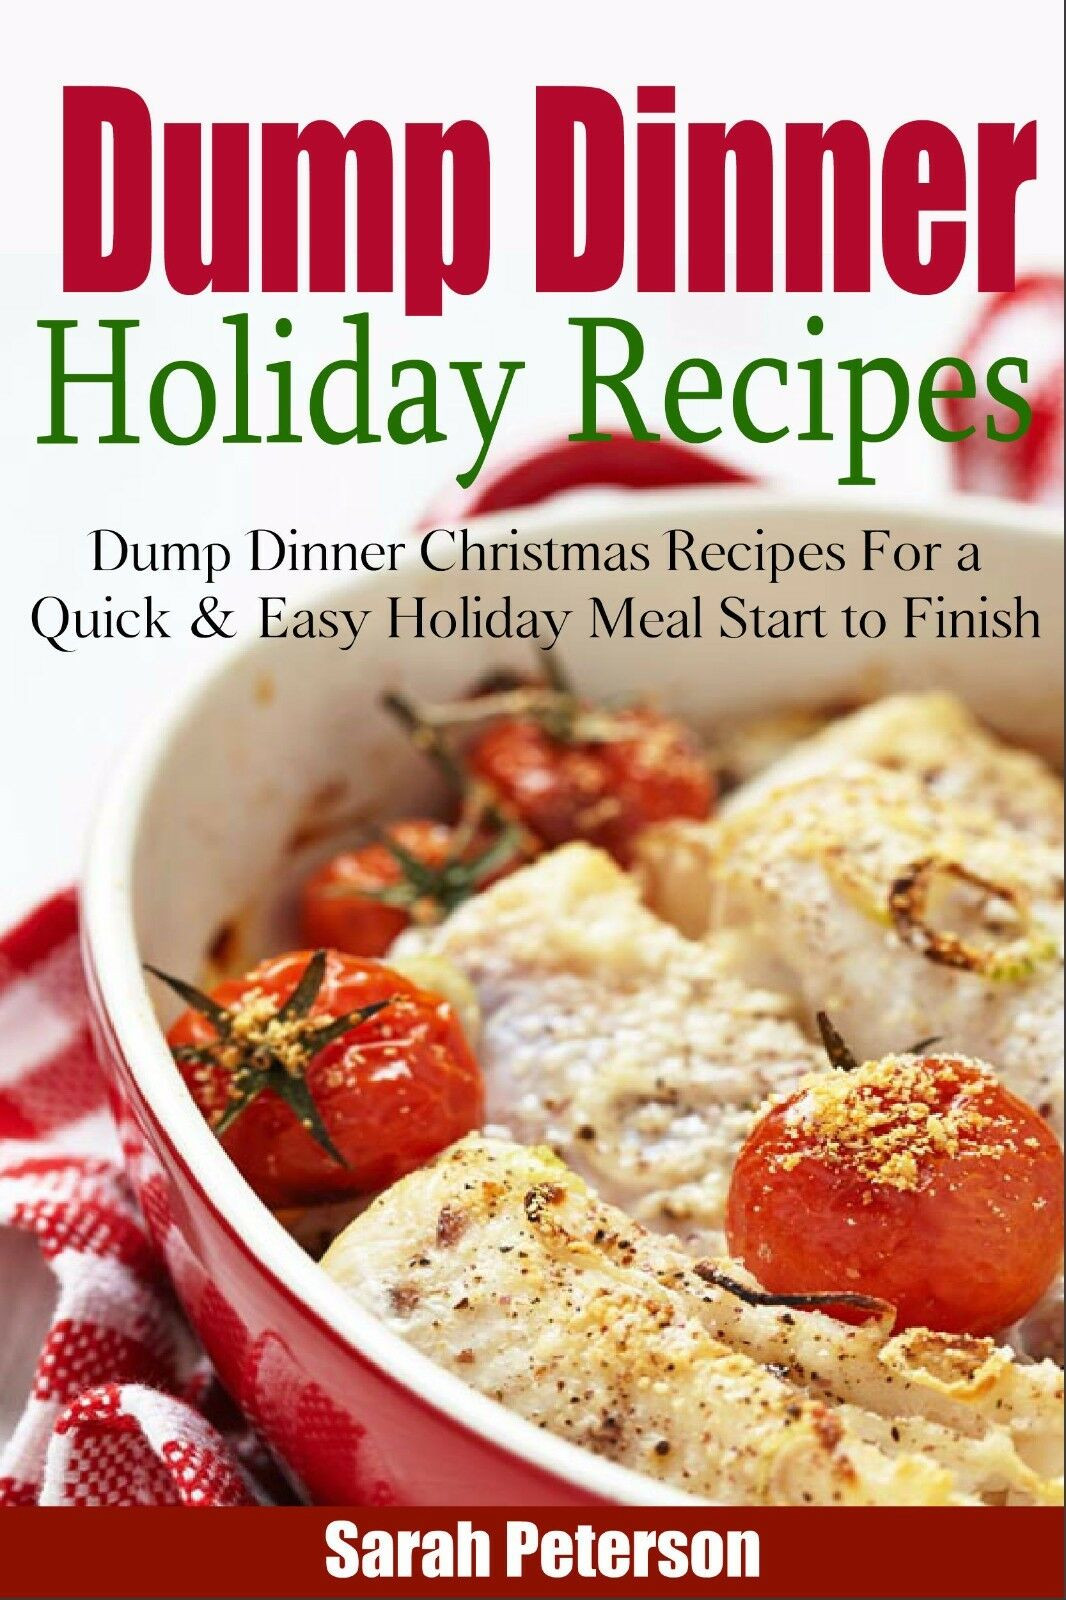 Easy Christmas Dinners Recipes  Dump Dinner Holiday Recipes Dump Dinner Christmas Recipes